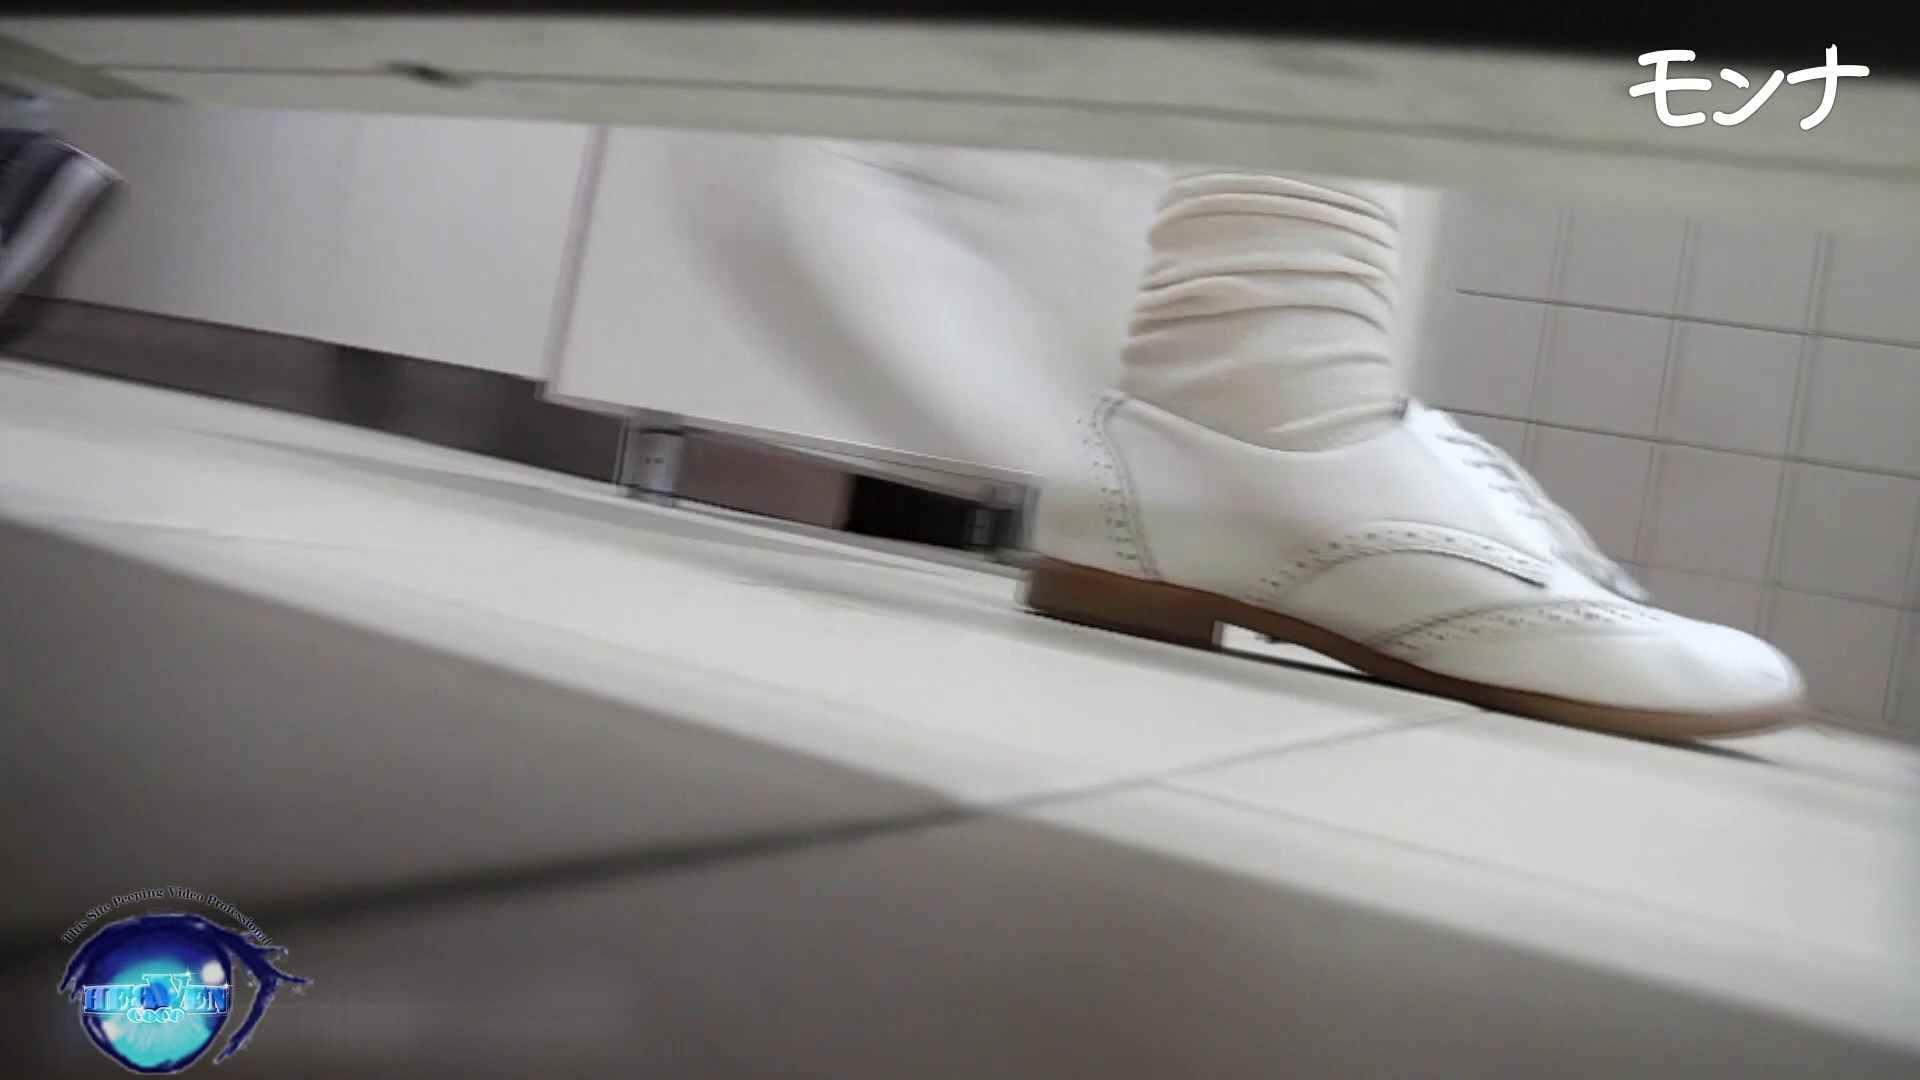 無修正おまんこ動画 【美しい日本の未来】美しい日本の未来 No.87前編 のぞき本舗 中村屋